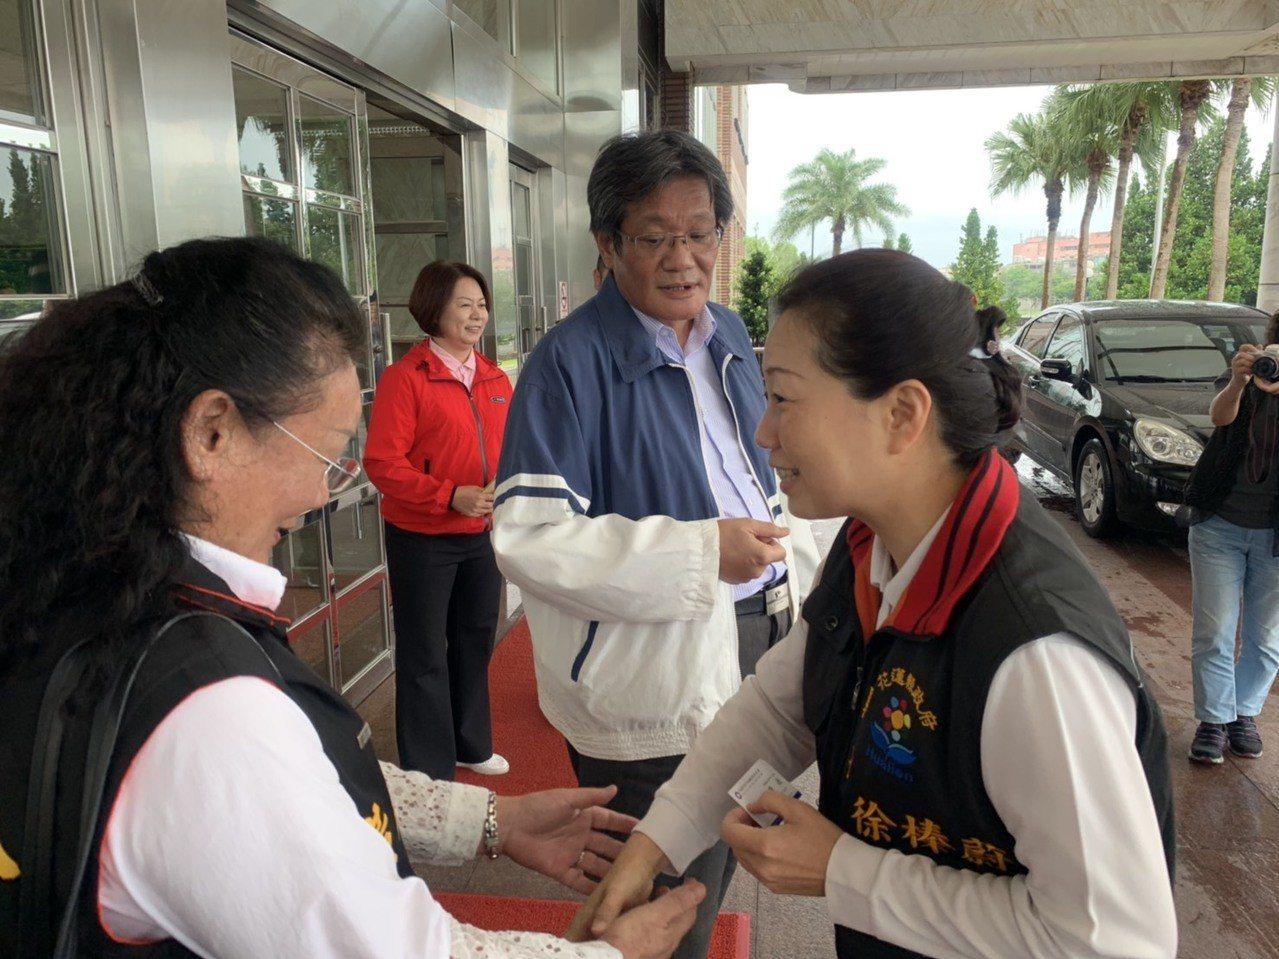 藍花蓮黨部代理主委上任遭阻 黃原亮:不認同但不會起衝突